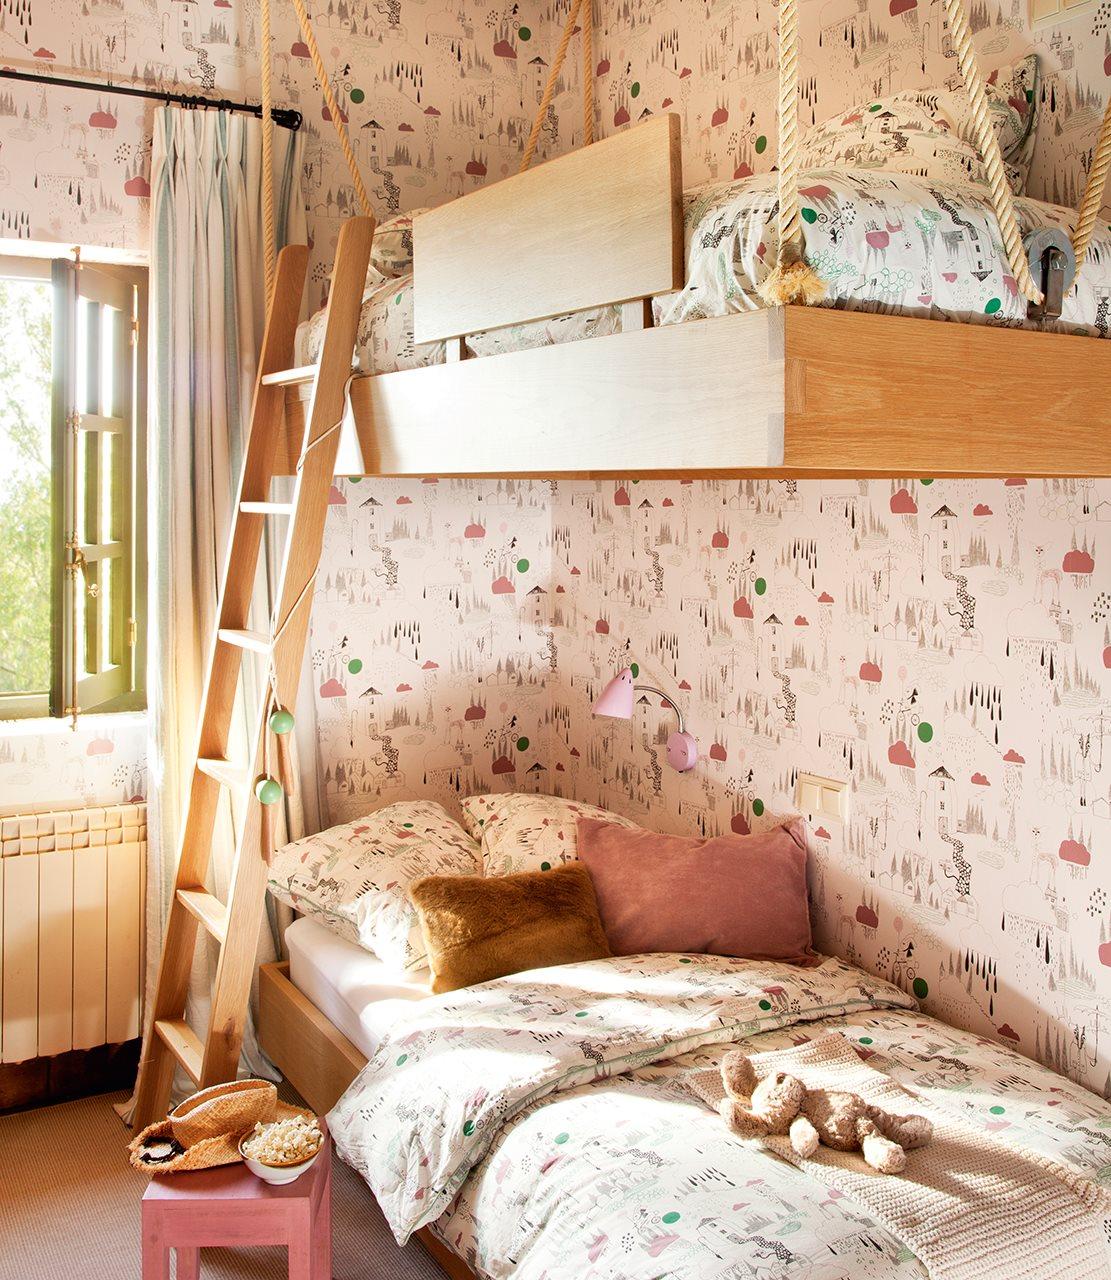 Una habitaci n con camas voladoras for Cama voladora